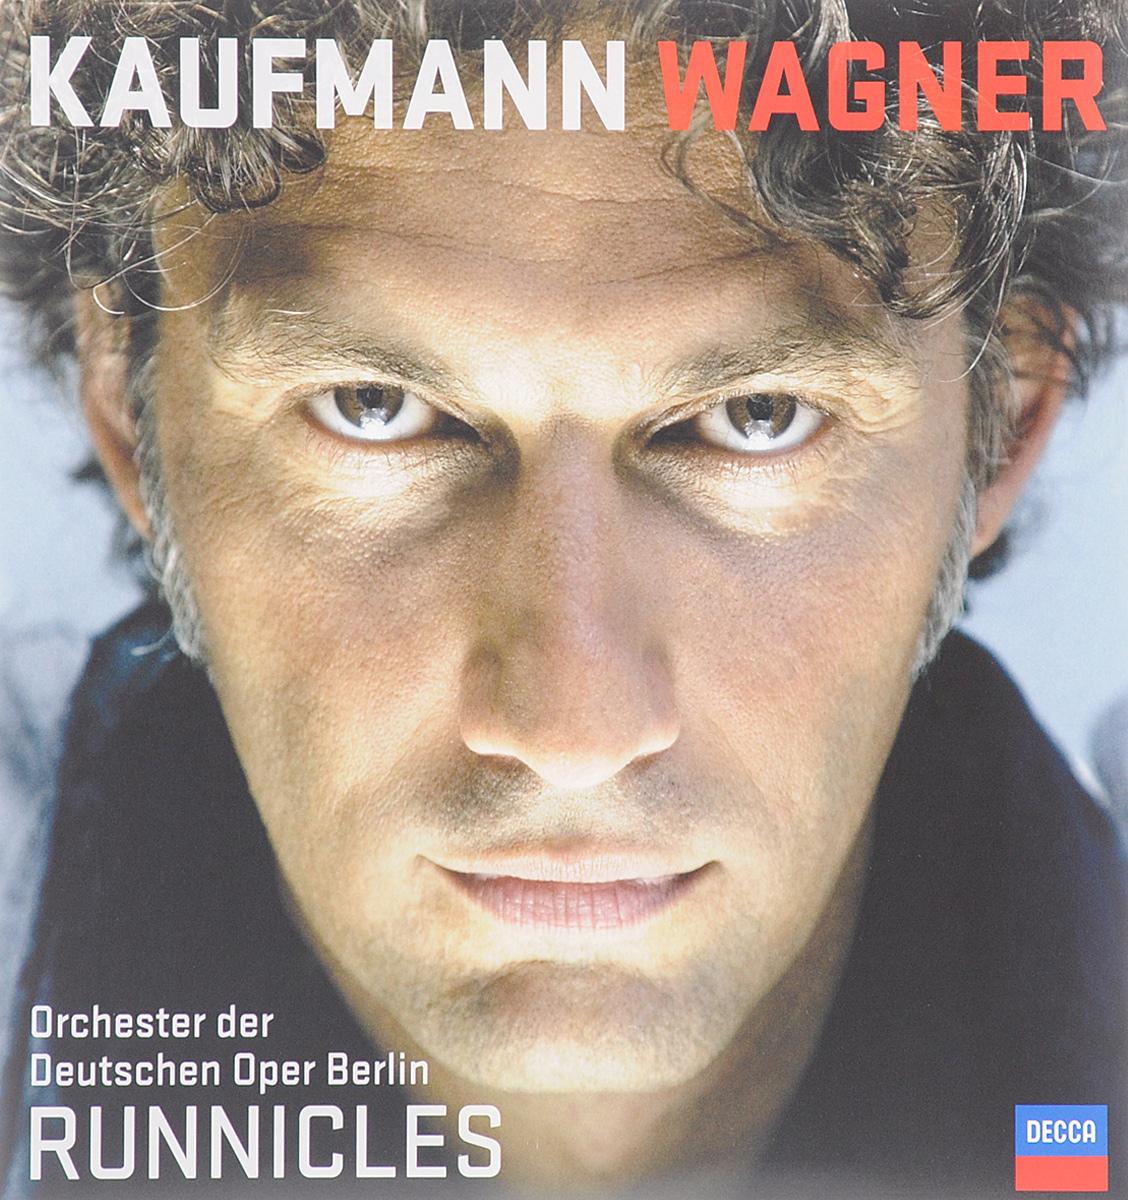 Йонас Кауфманн,Маркус Брюк,Chor Der Staatsoper Berlin,Orchester Der Deutschen Oper Berlin,Дональд Ранниклс Jonas Kaufmann. Wagner. Runnicles (LP) ботинки der spur der spur de034amwiz42